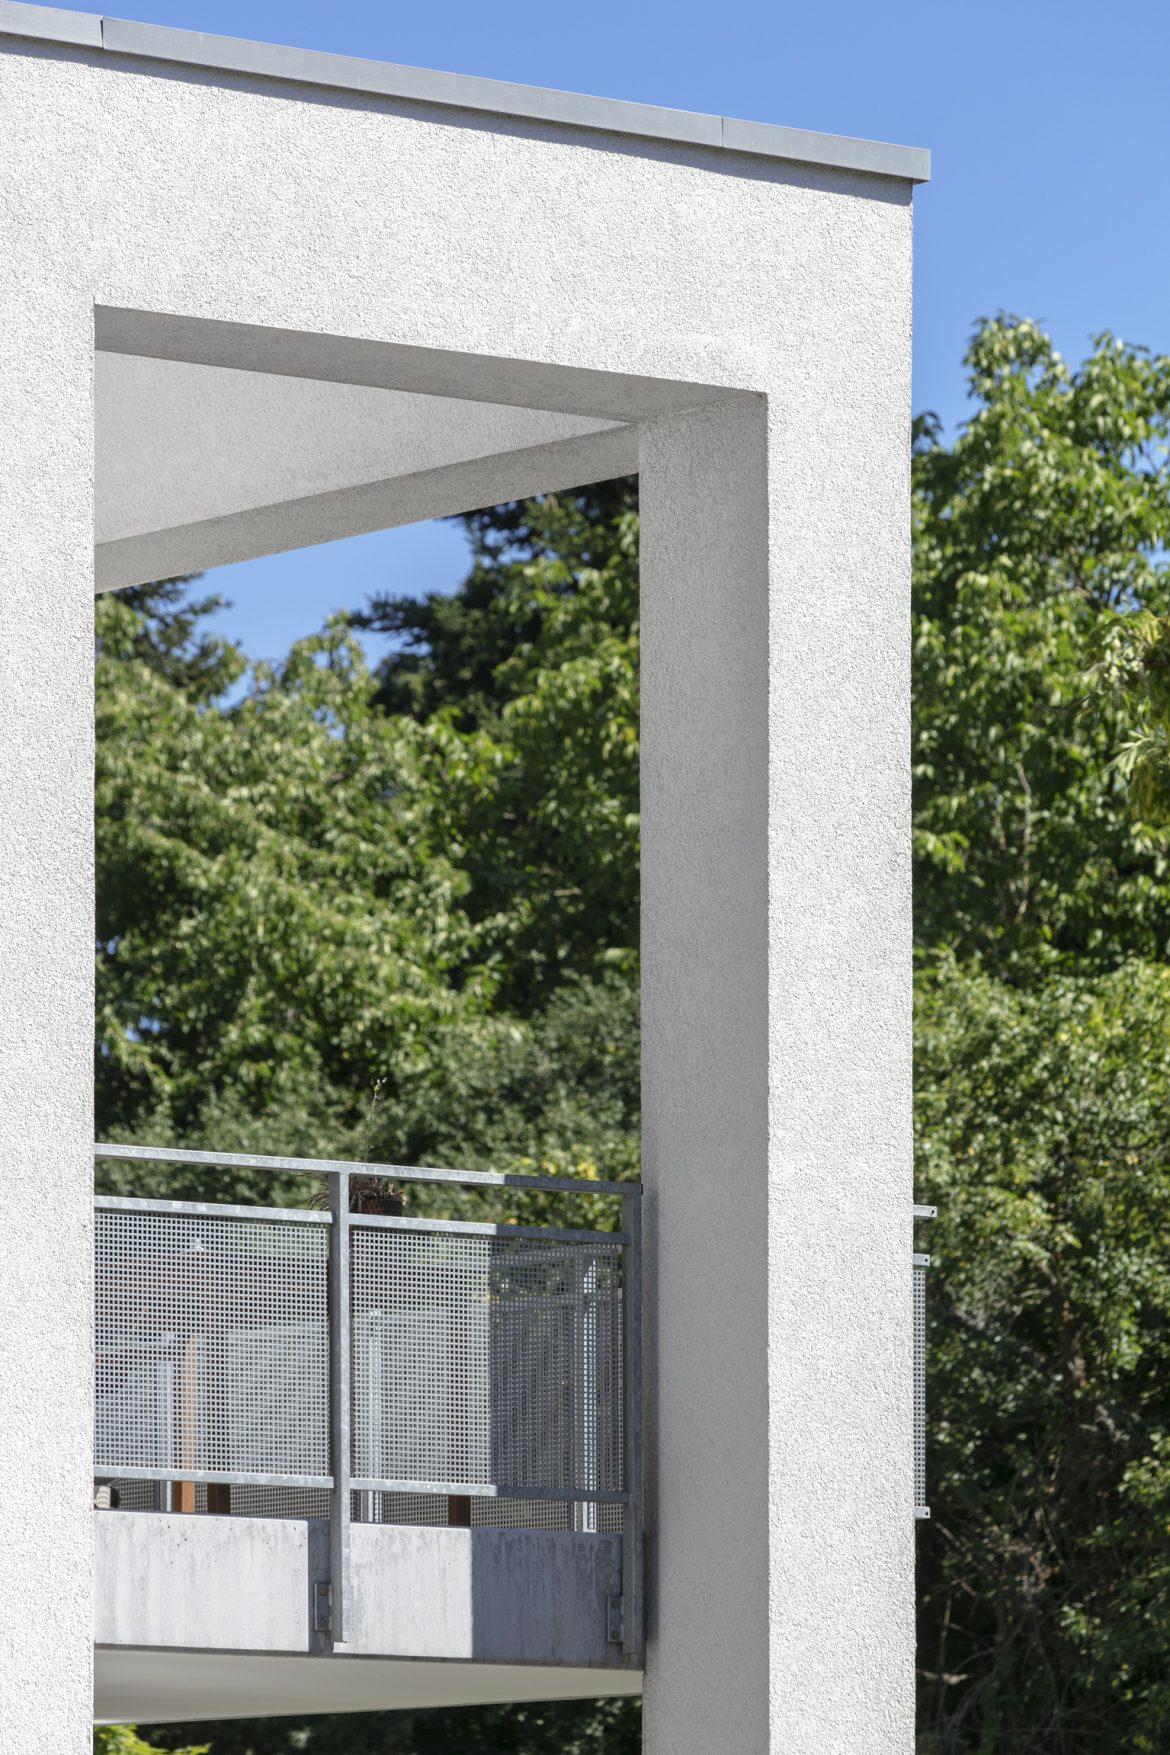 Detail Balkone, weißer Putz